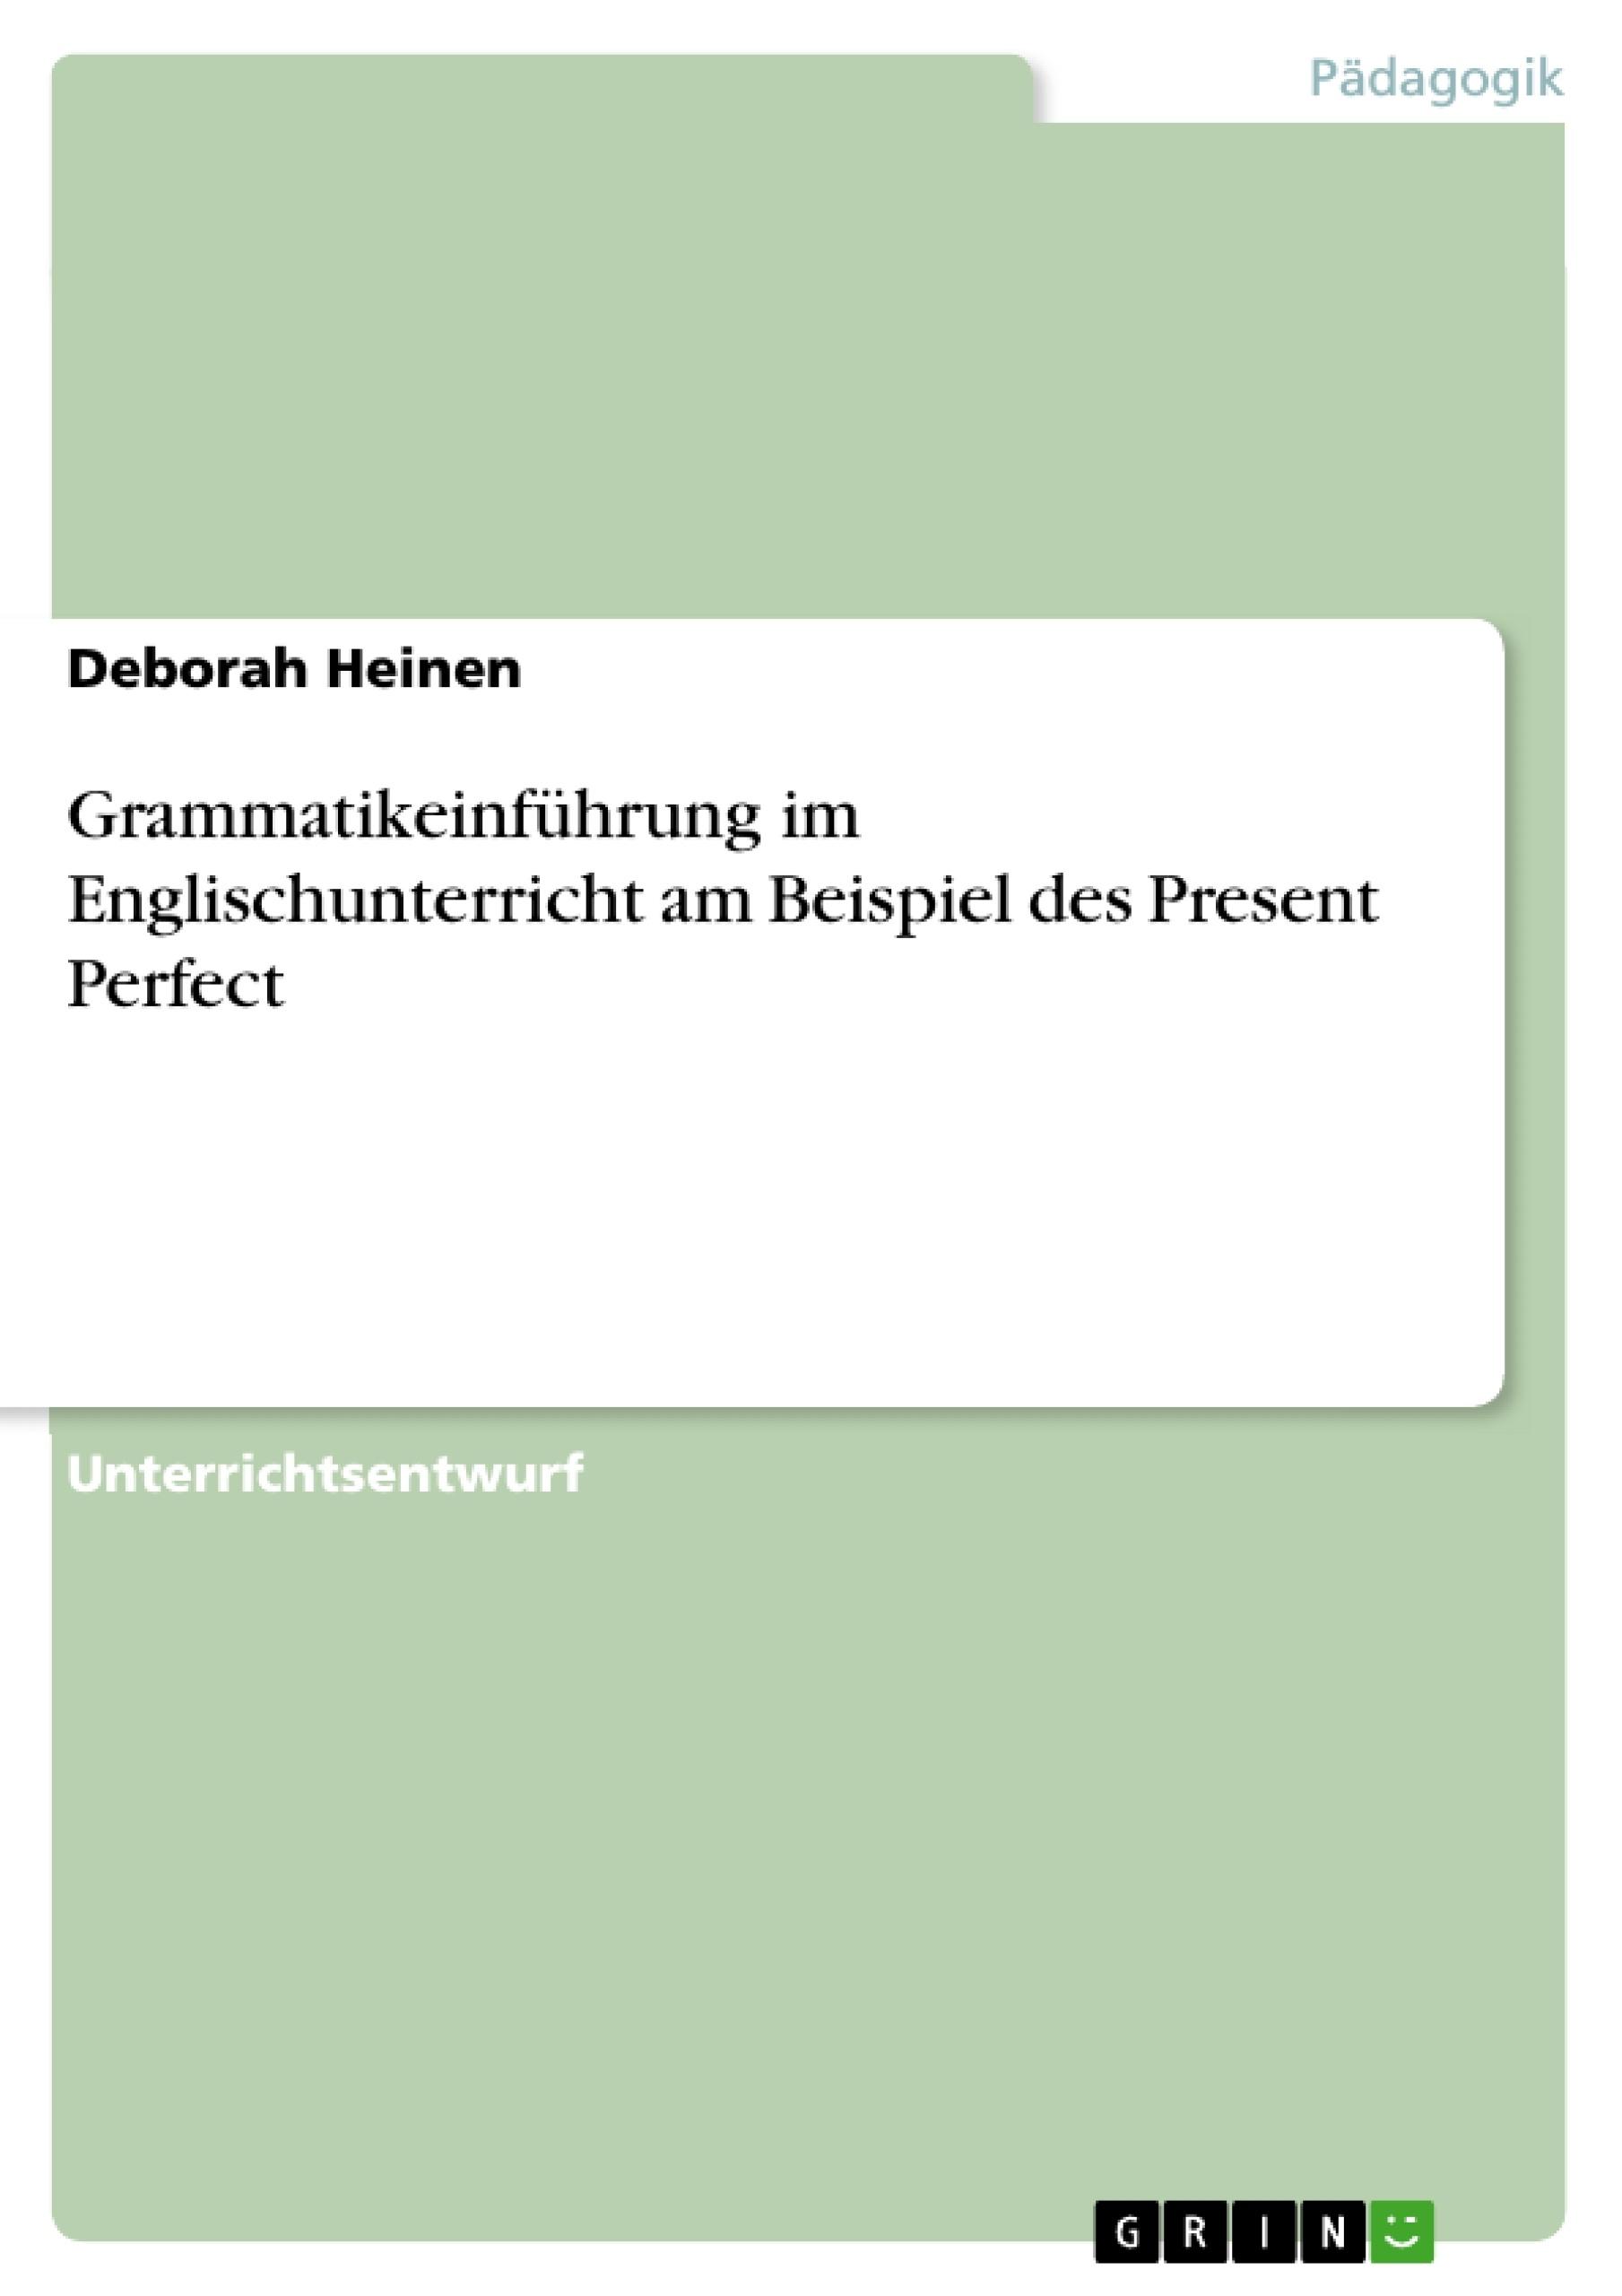 Titel: Grammatikeinführung im Englischunterricht am Beispiel des Present Perfect